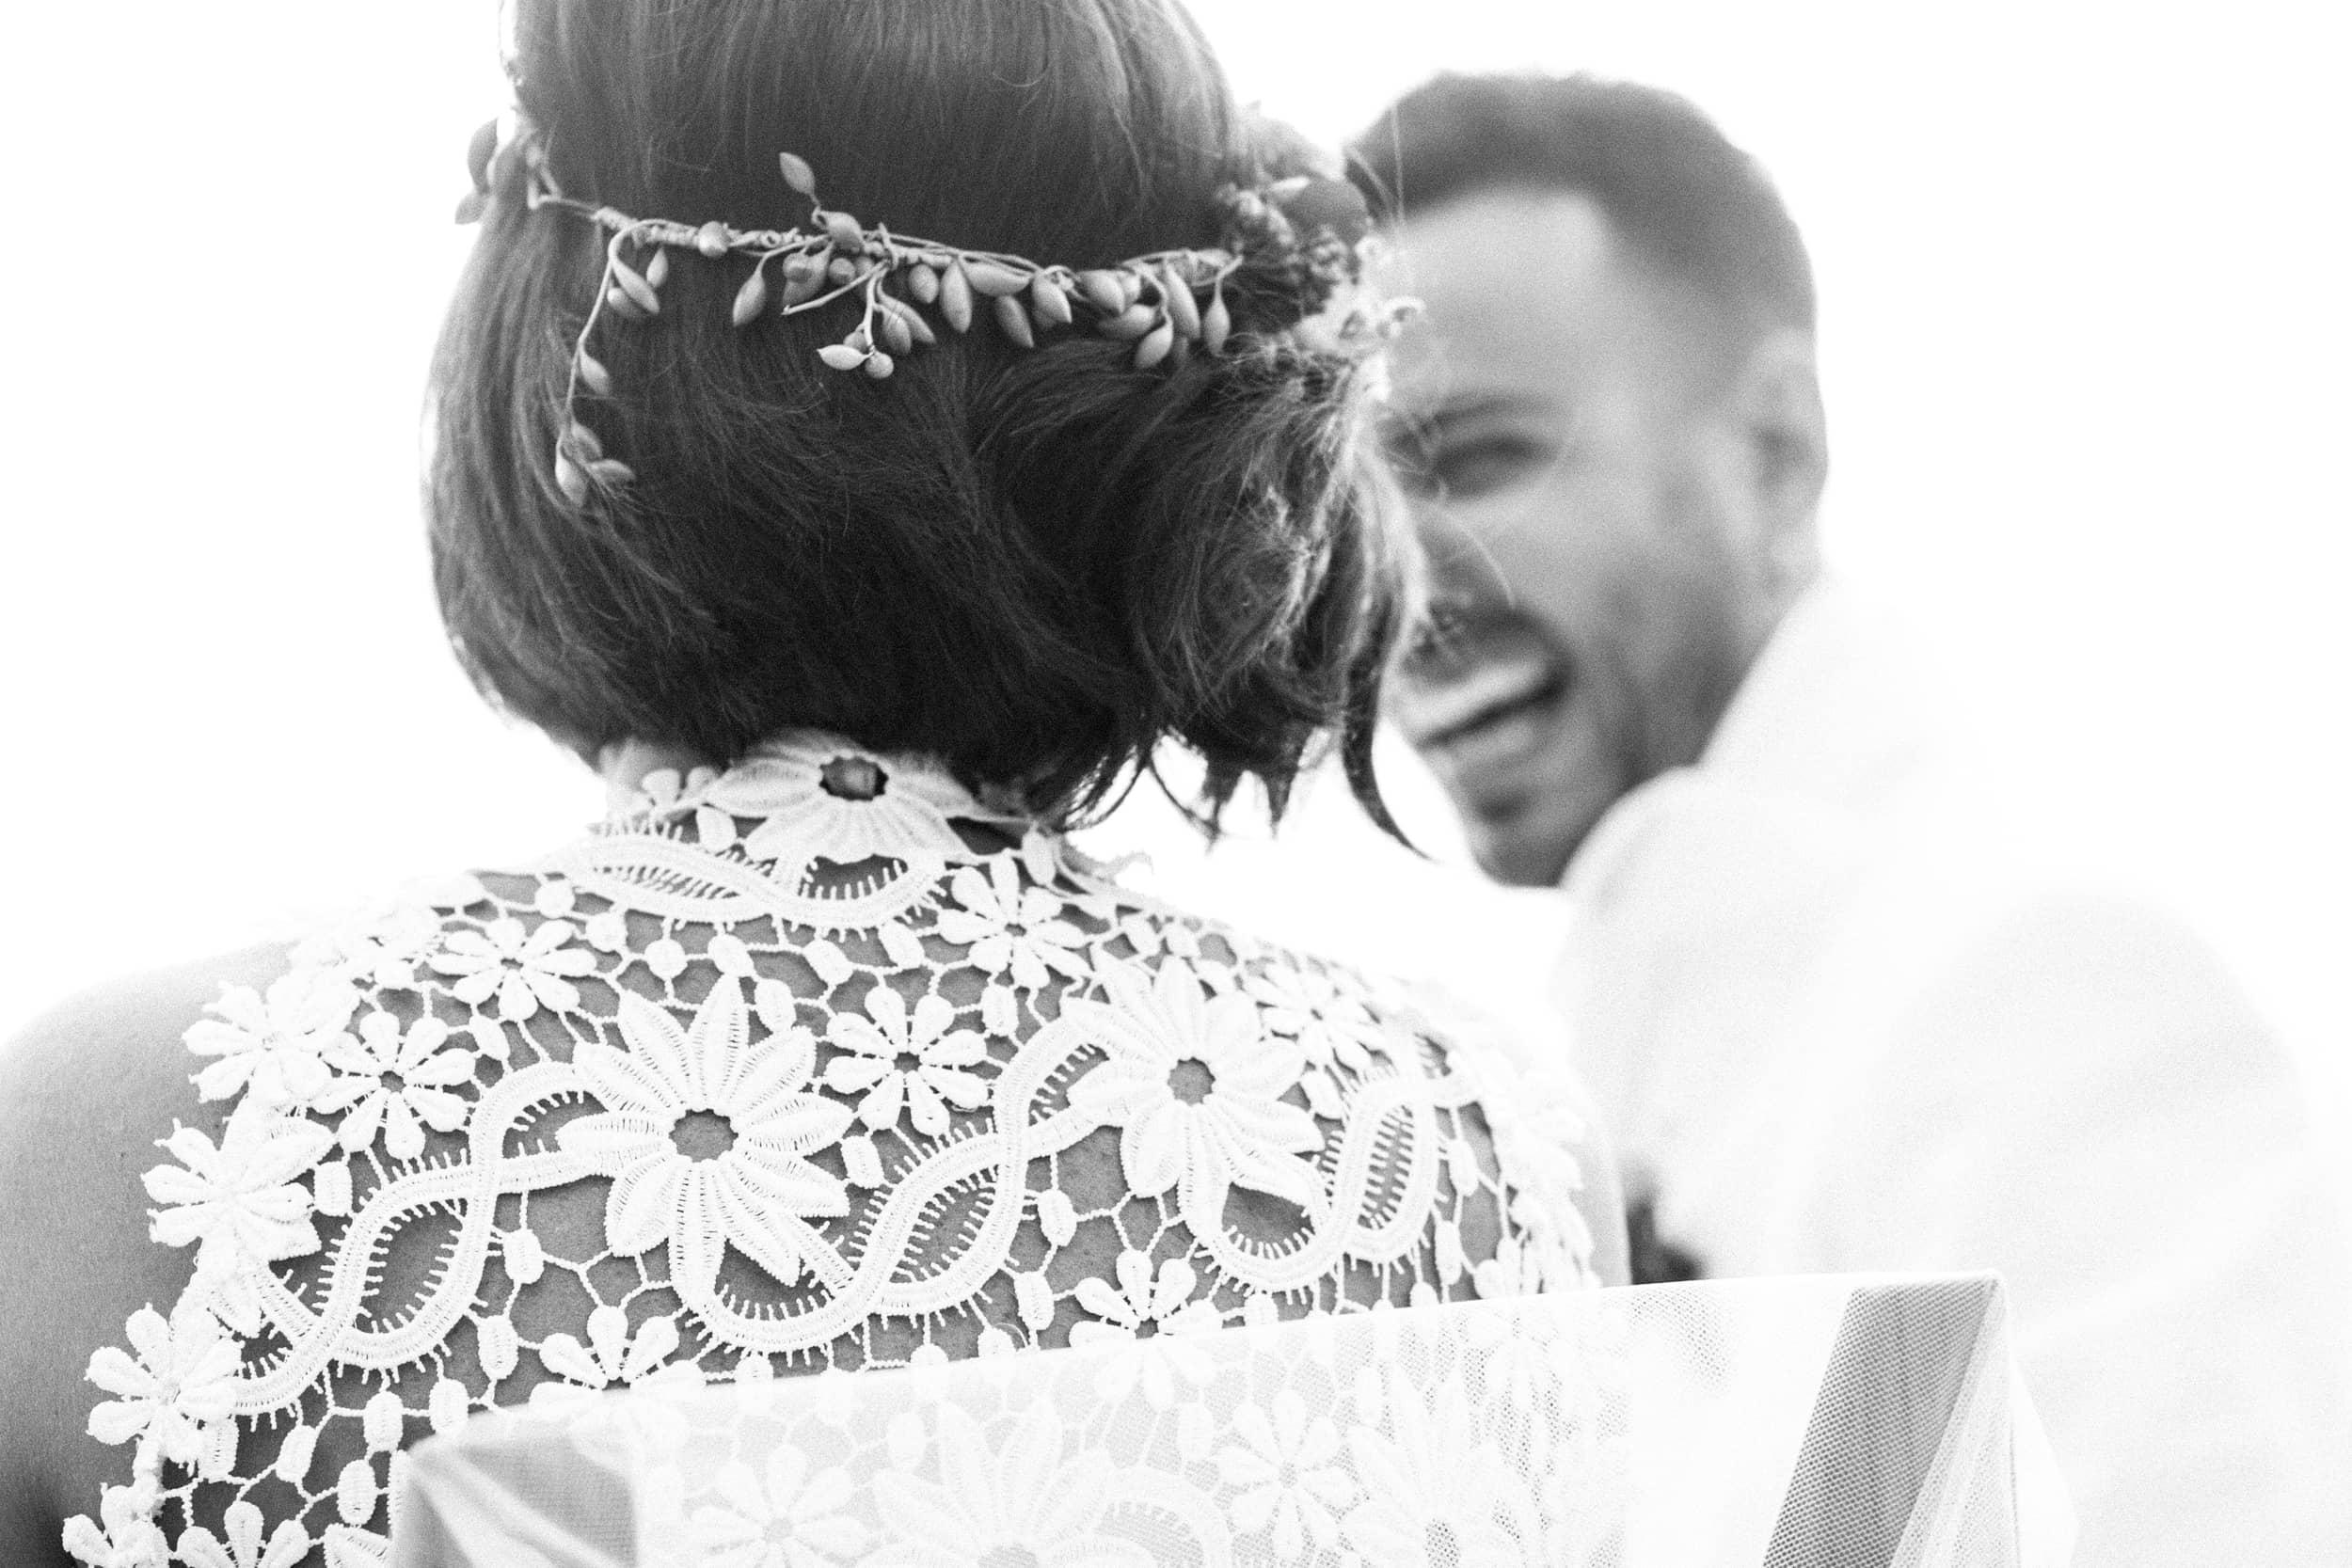 El ojo izquierdo - Wedding Photography